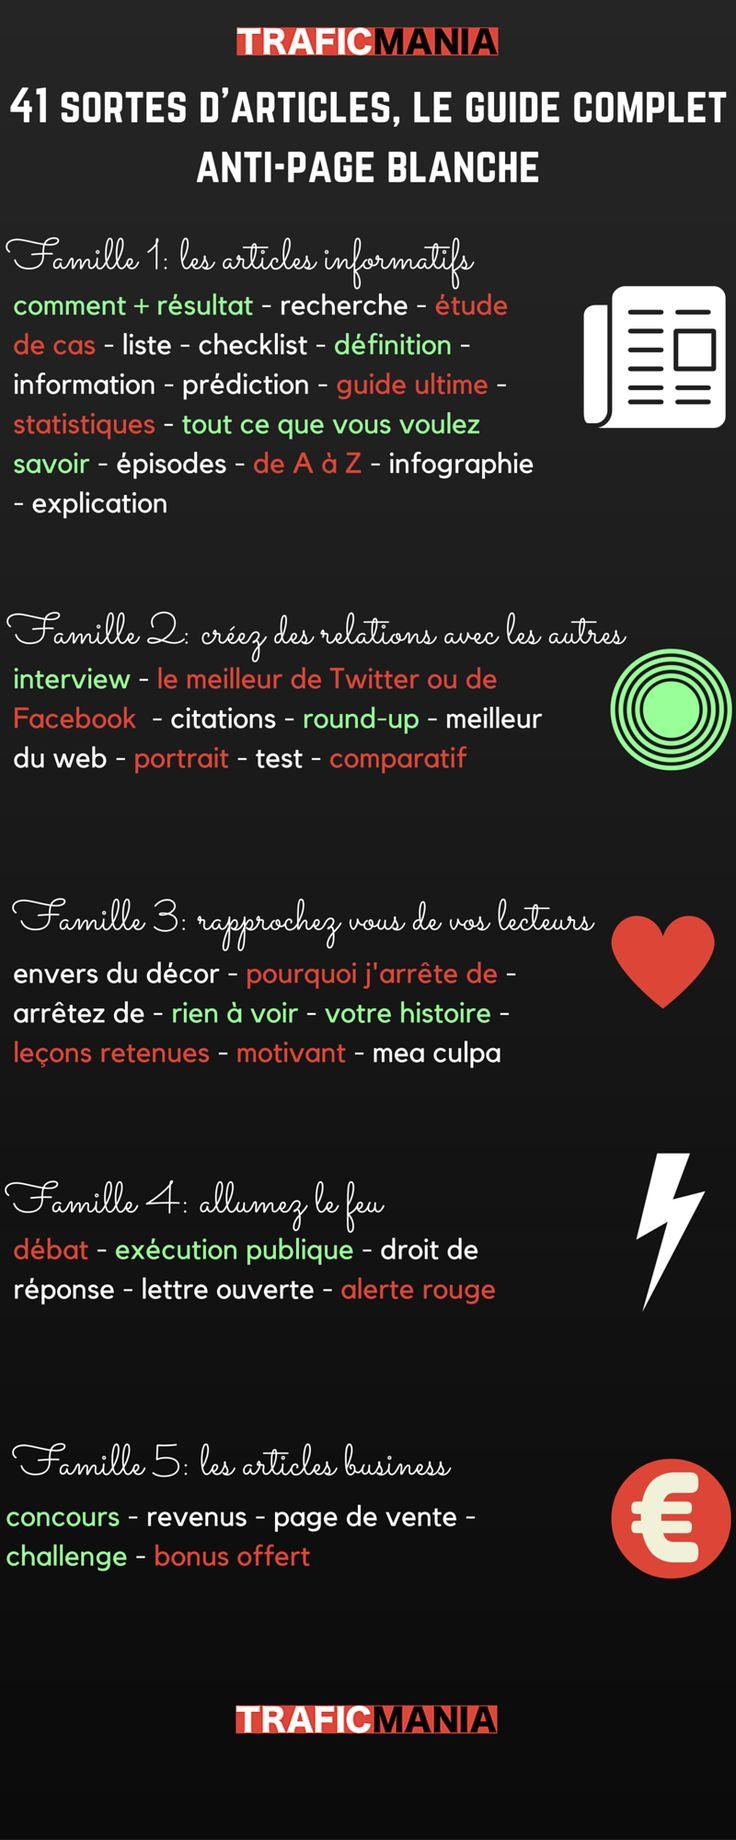 41 sortes d'articles de blog en infographie